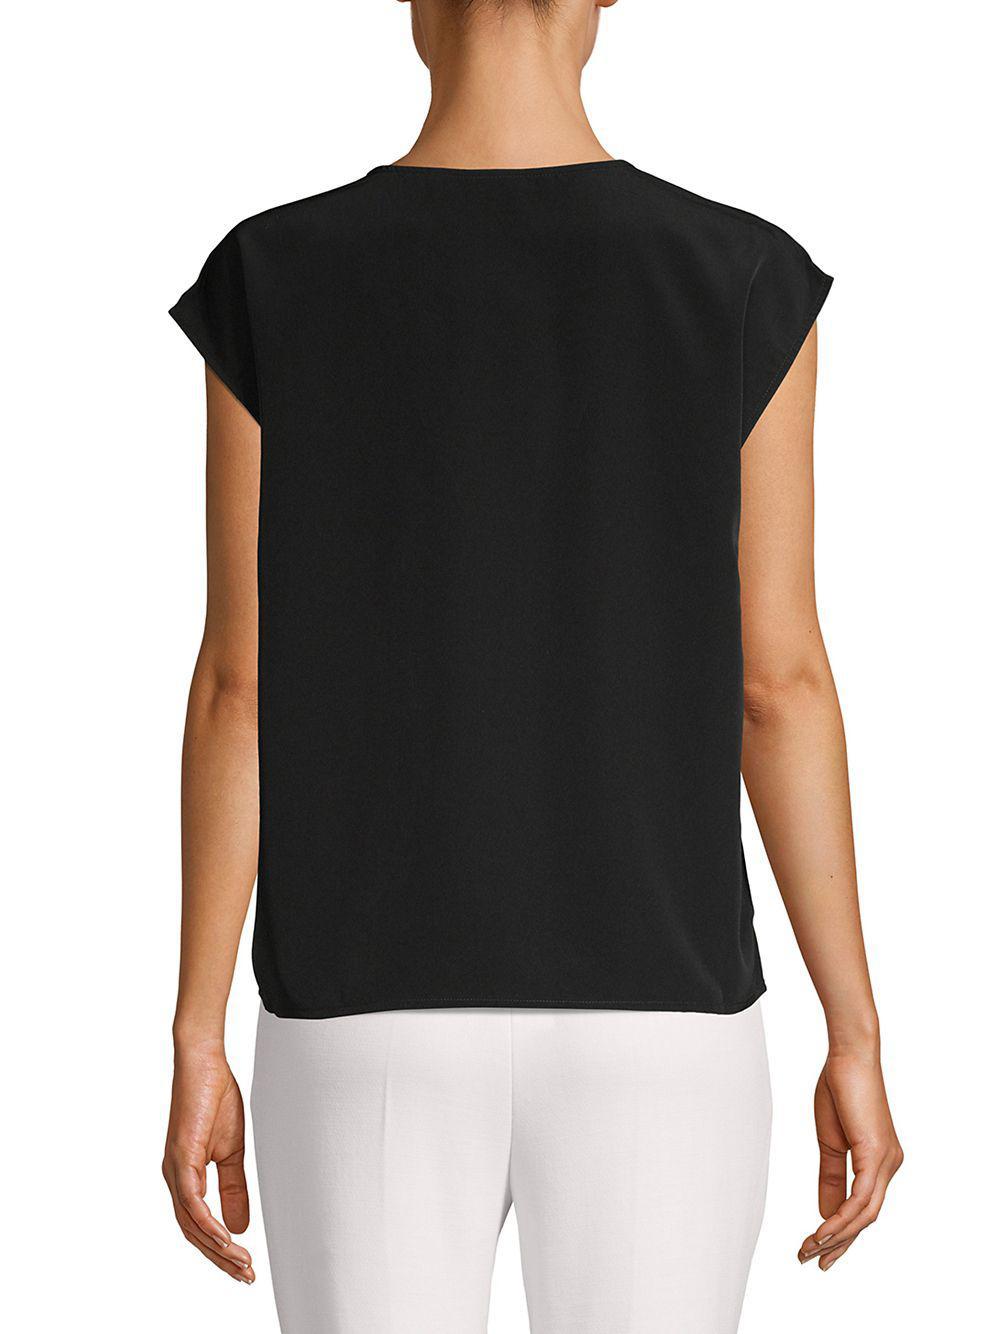 7c4f831eb5785 Vero Moda - Black Lace V-neck Top - Lyst. View fullscreen